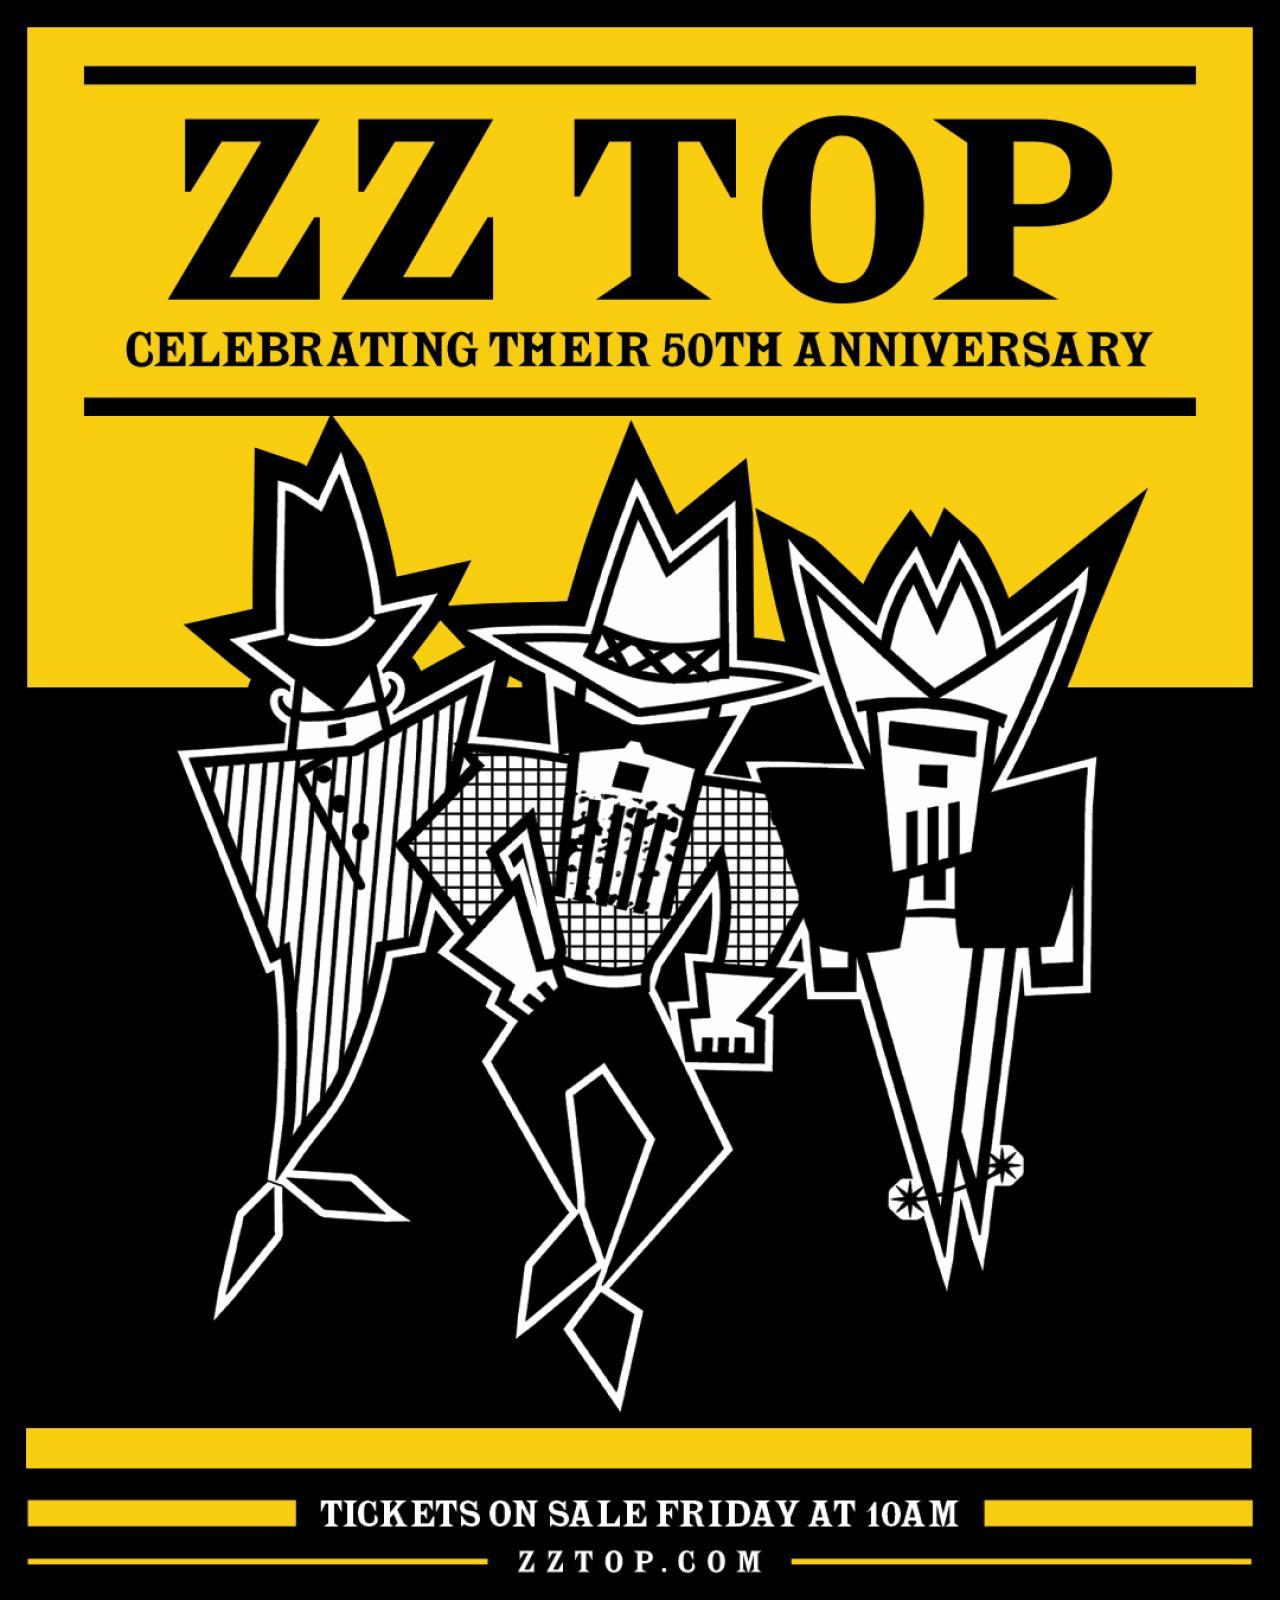 zz top tour